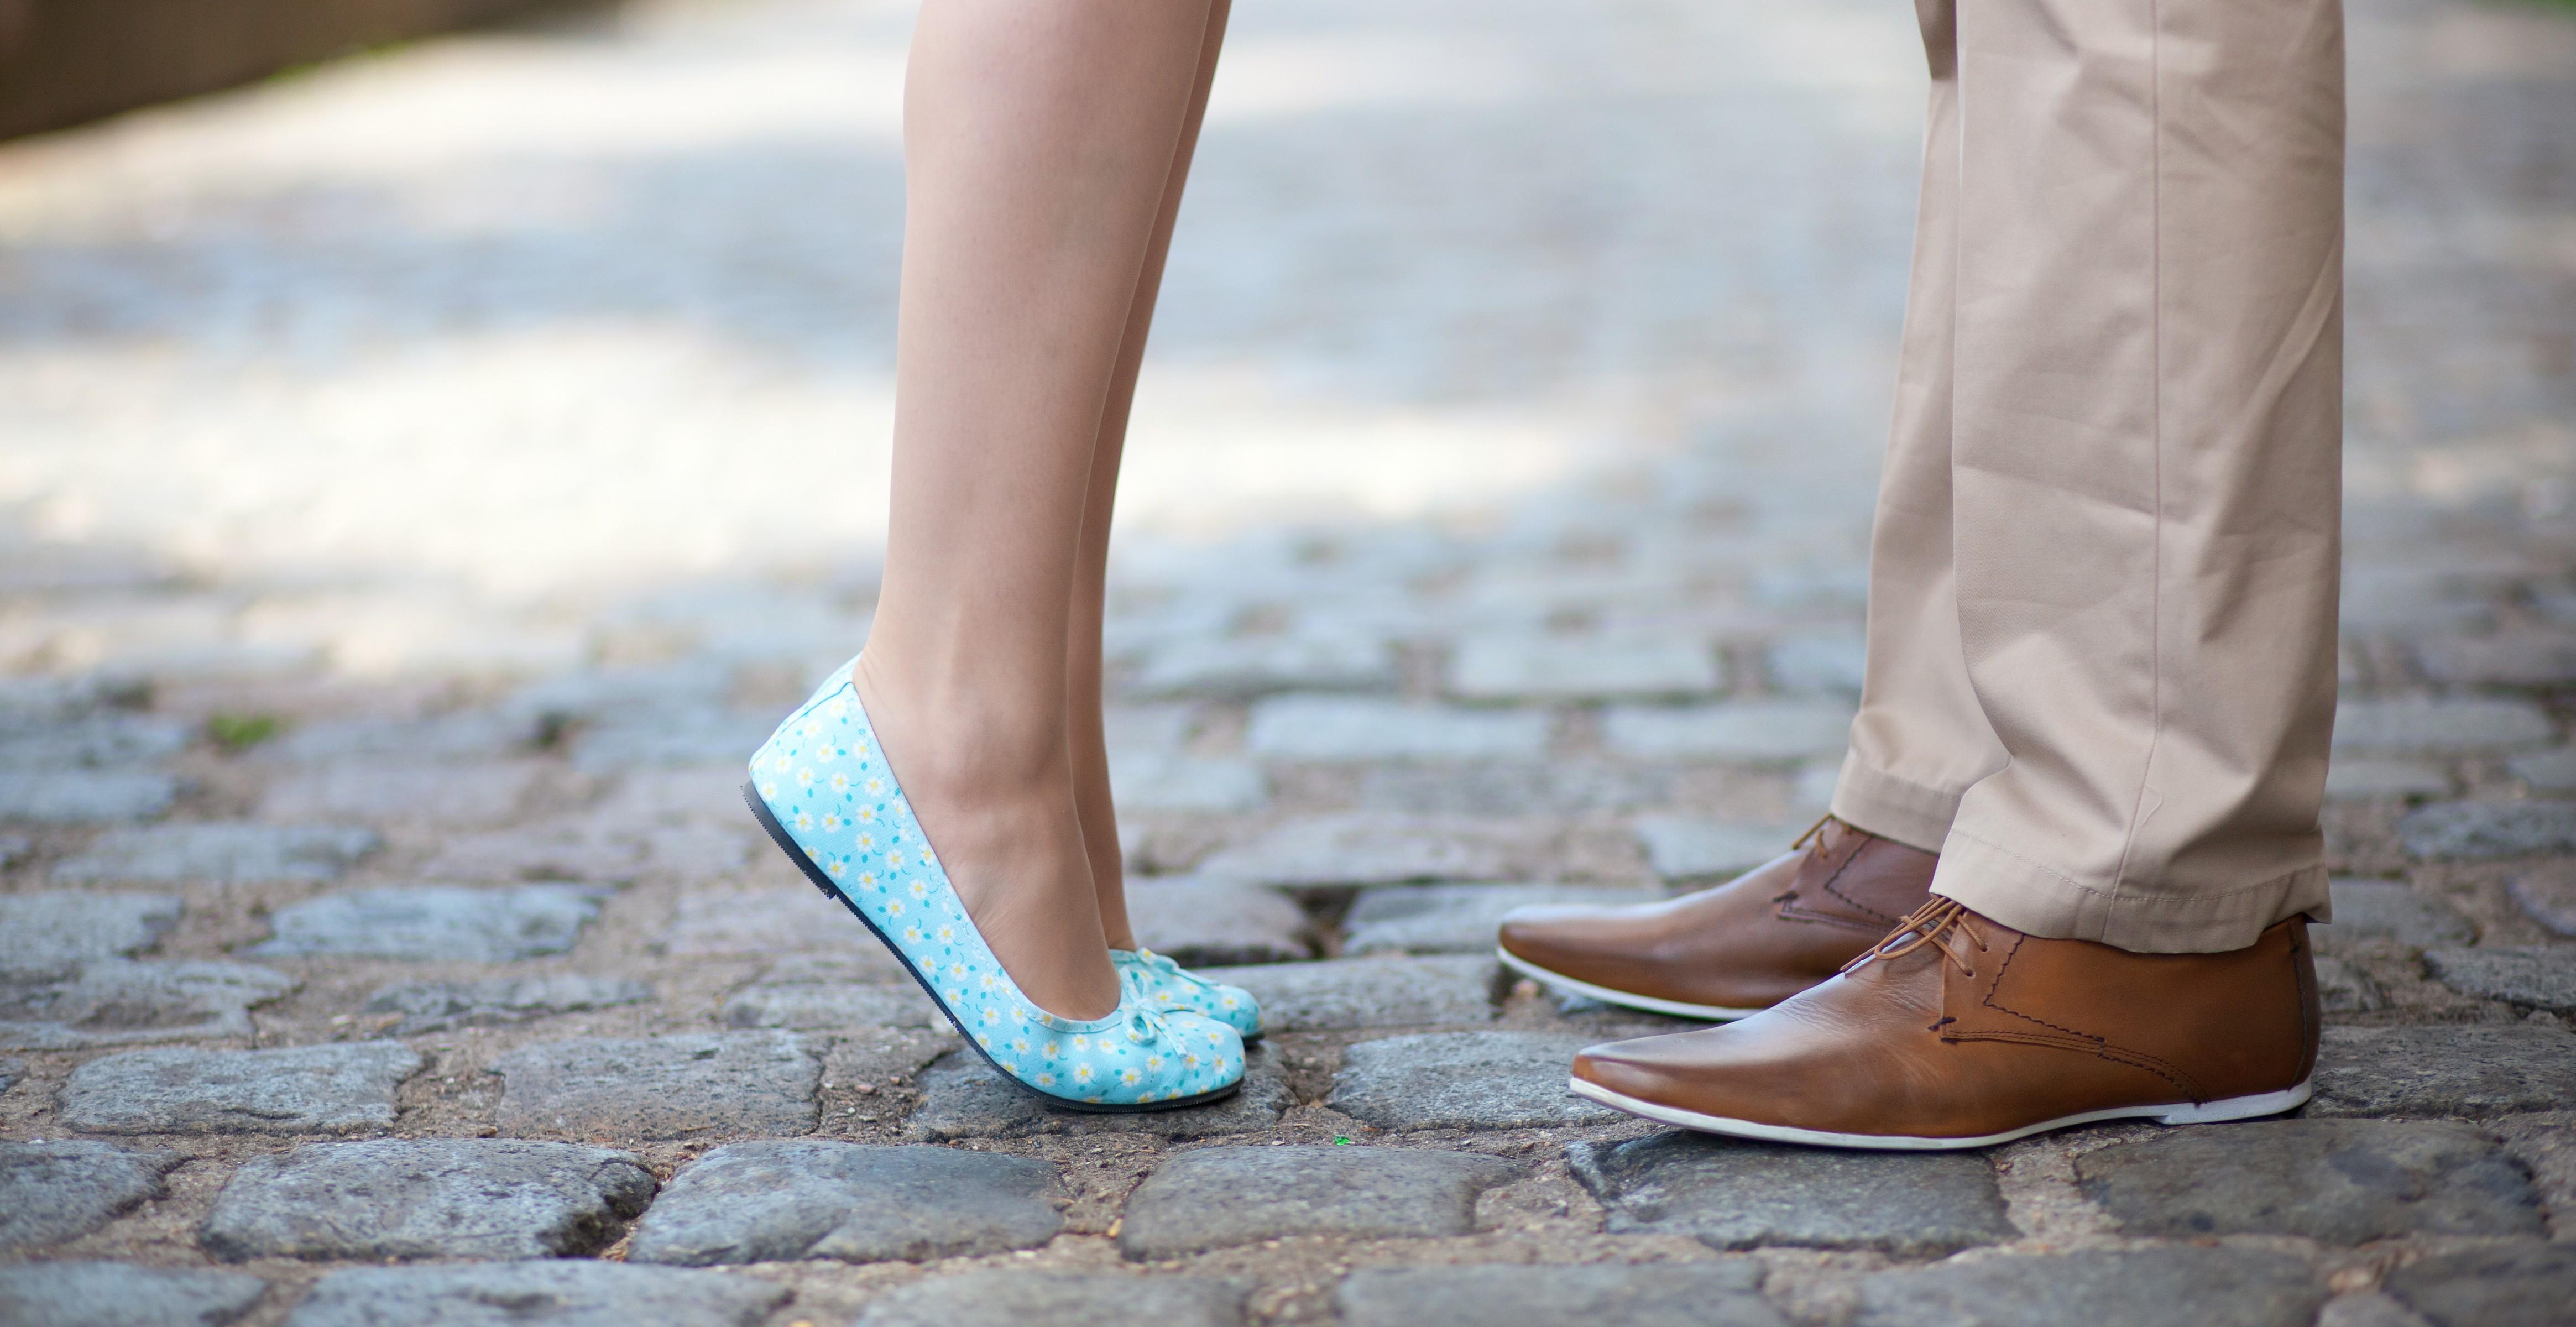 Целовать туфли фото, Целует ножки девушки в туфлях на каблуке 26 фотография